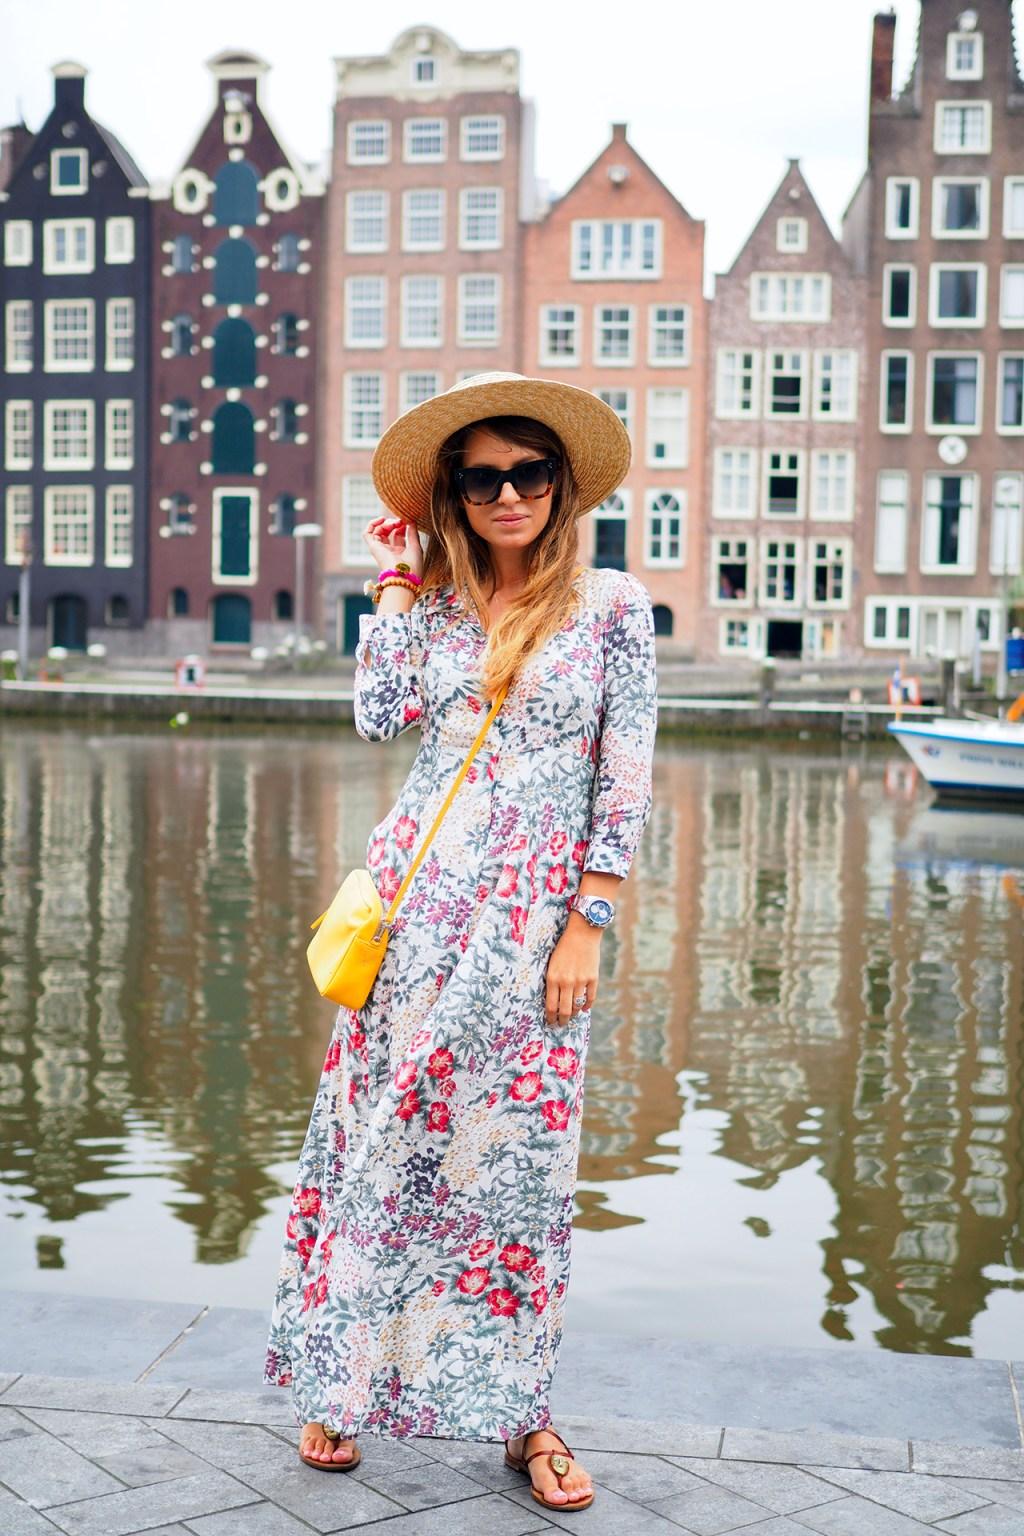 Qué ver en Ámsterdam - Museo qué ver en Ámsterdam Qué ver en Ámsterdam 33142835891 bd9c38db26 o